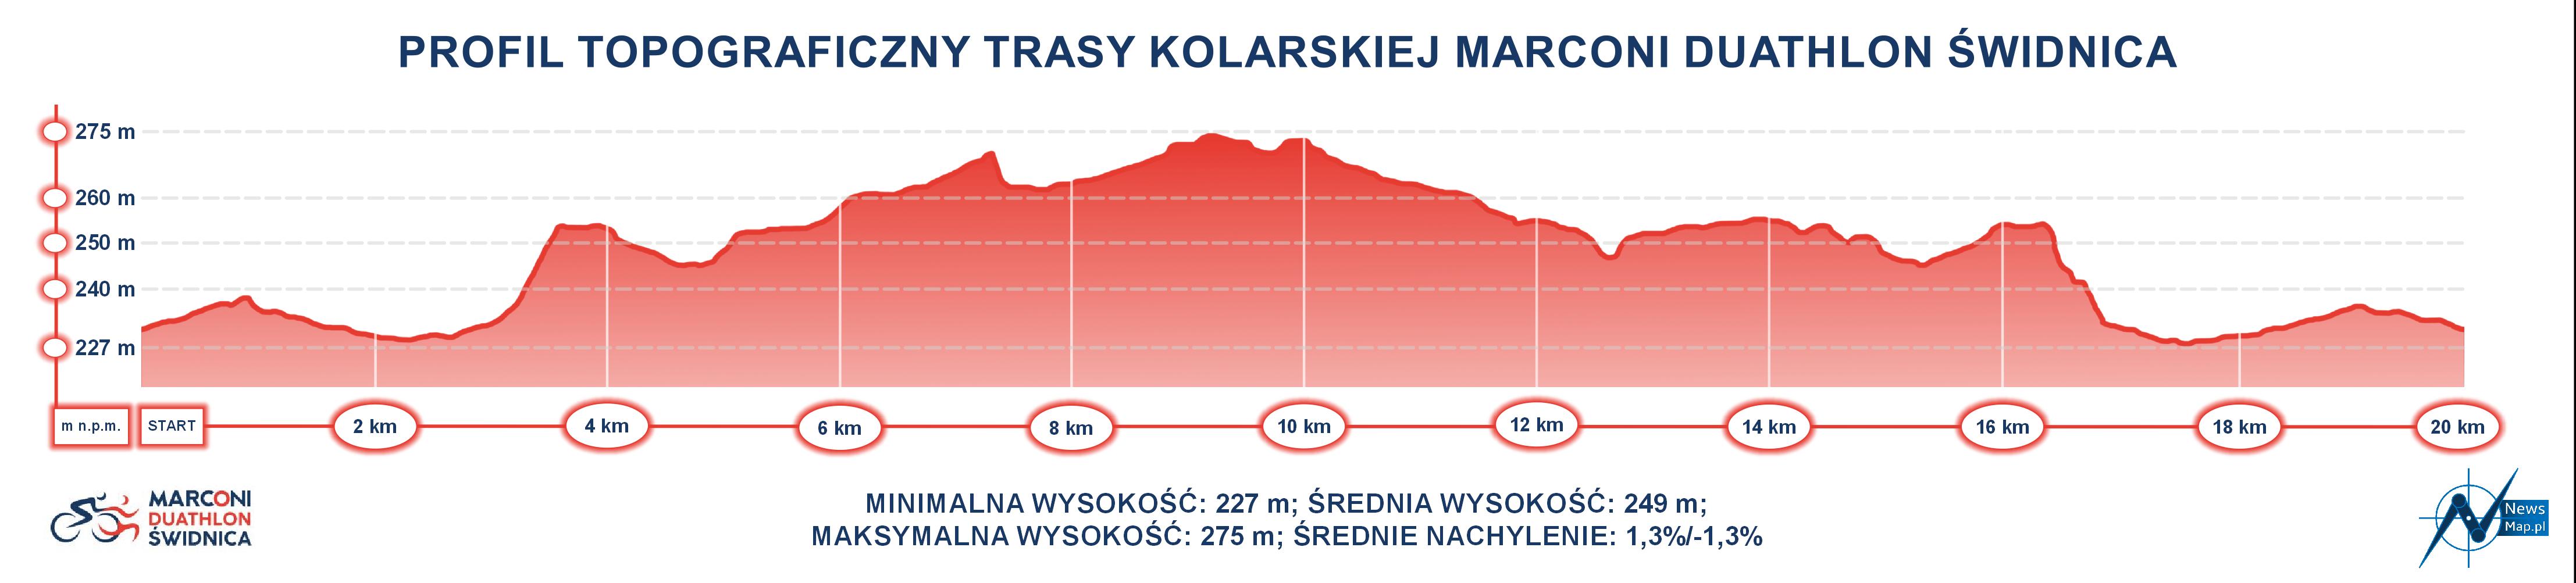 Duathlon Świdnica - profil topograficzny trasy kolarskiej v2